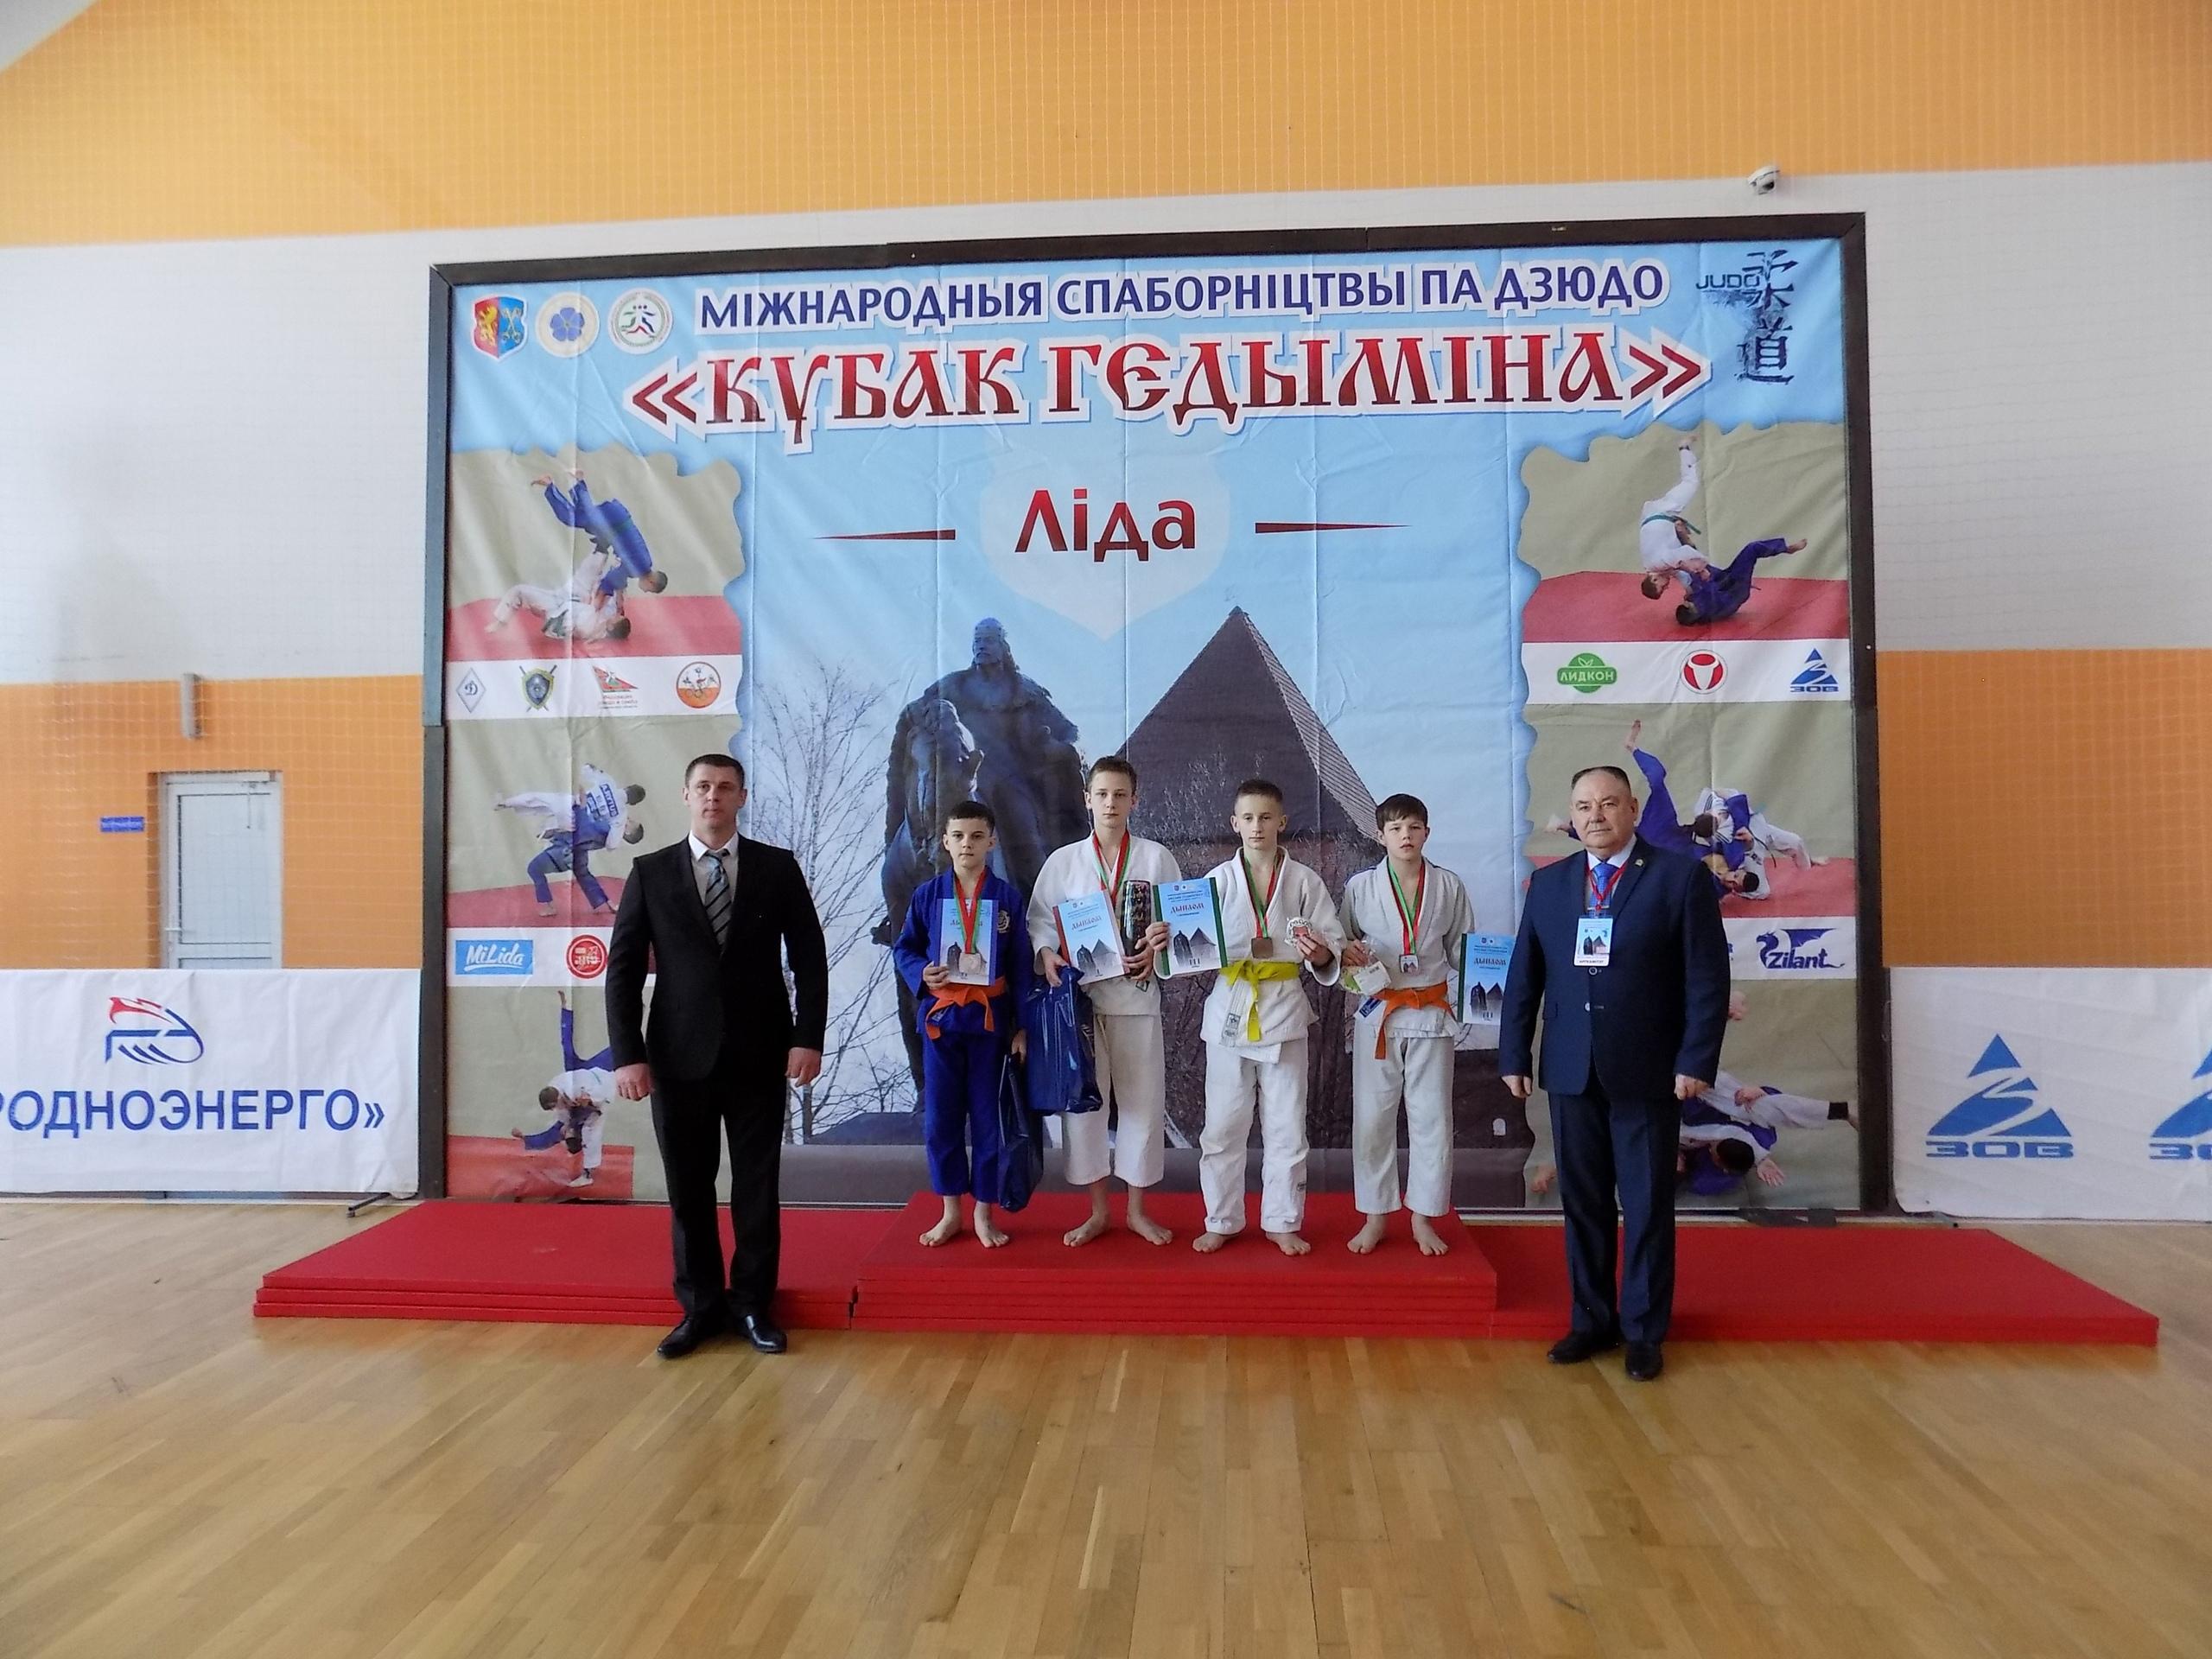 Традиционный республиканский турнир по дзюдо «Кубок Гедимина» прошел в Лиде.